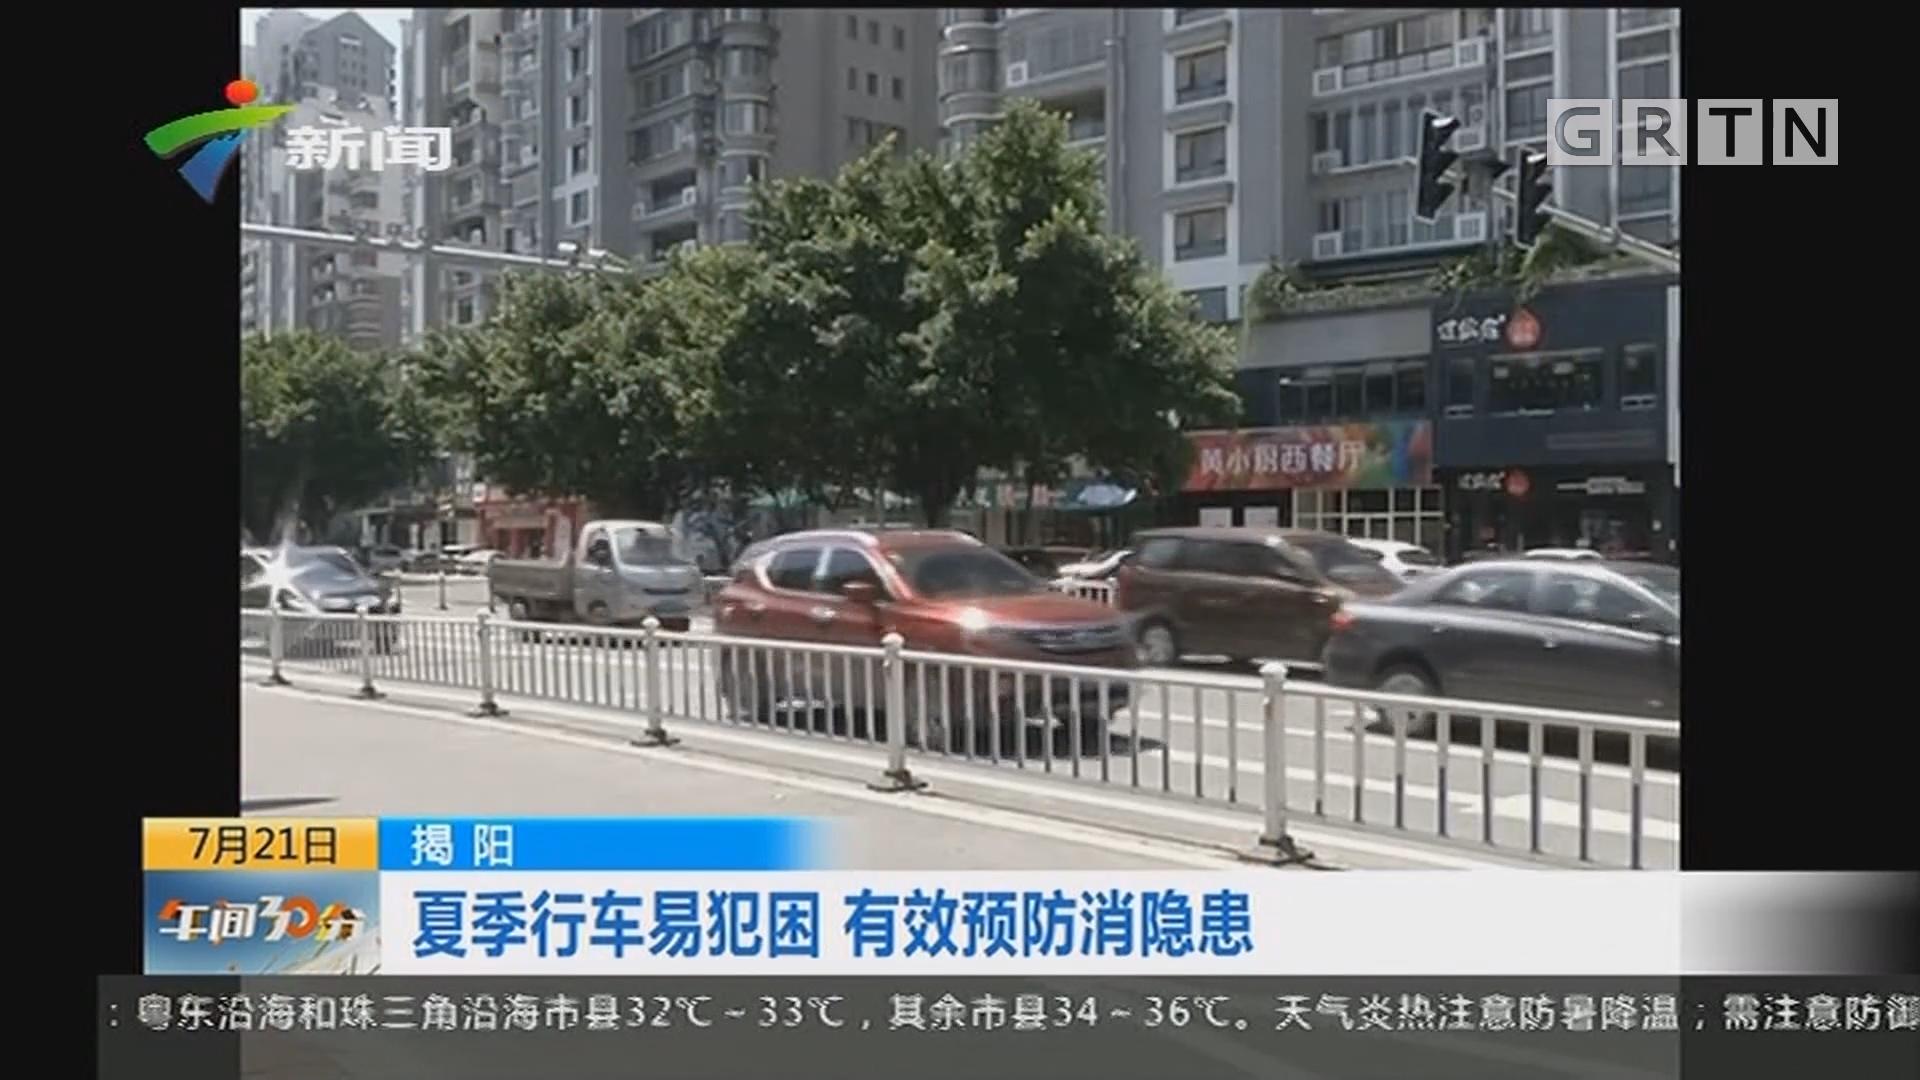 揭阳:夏季行车易犯困 有效预防消隐患